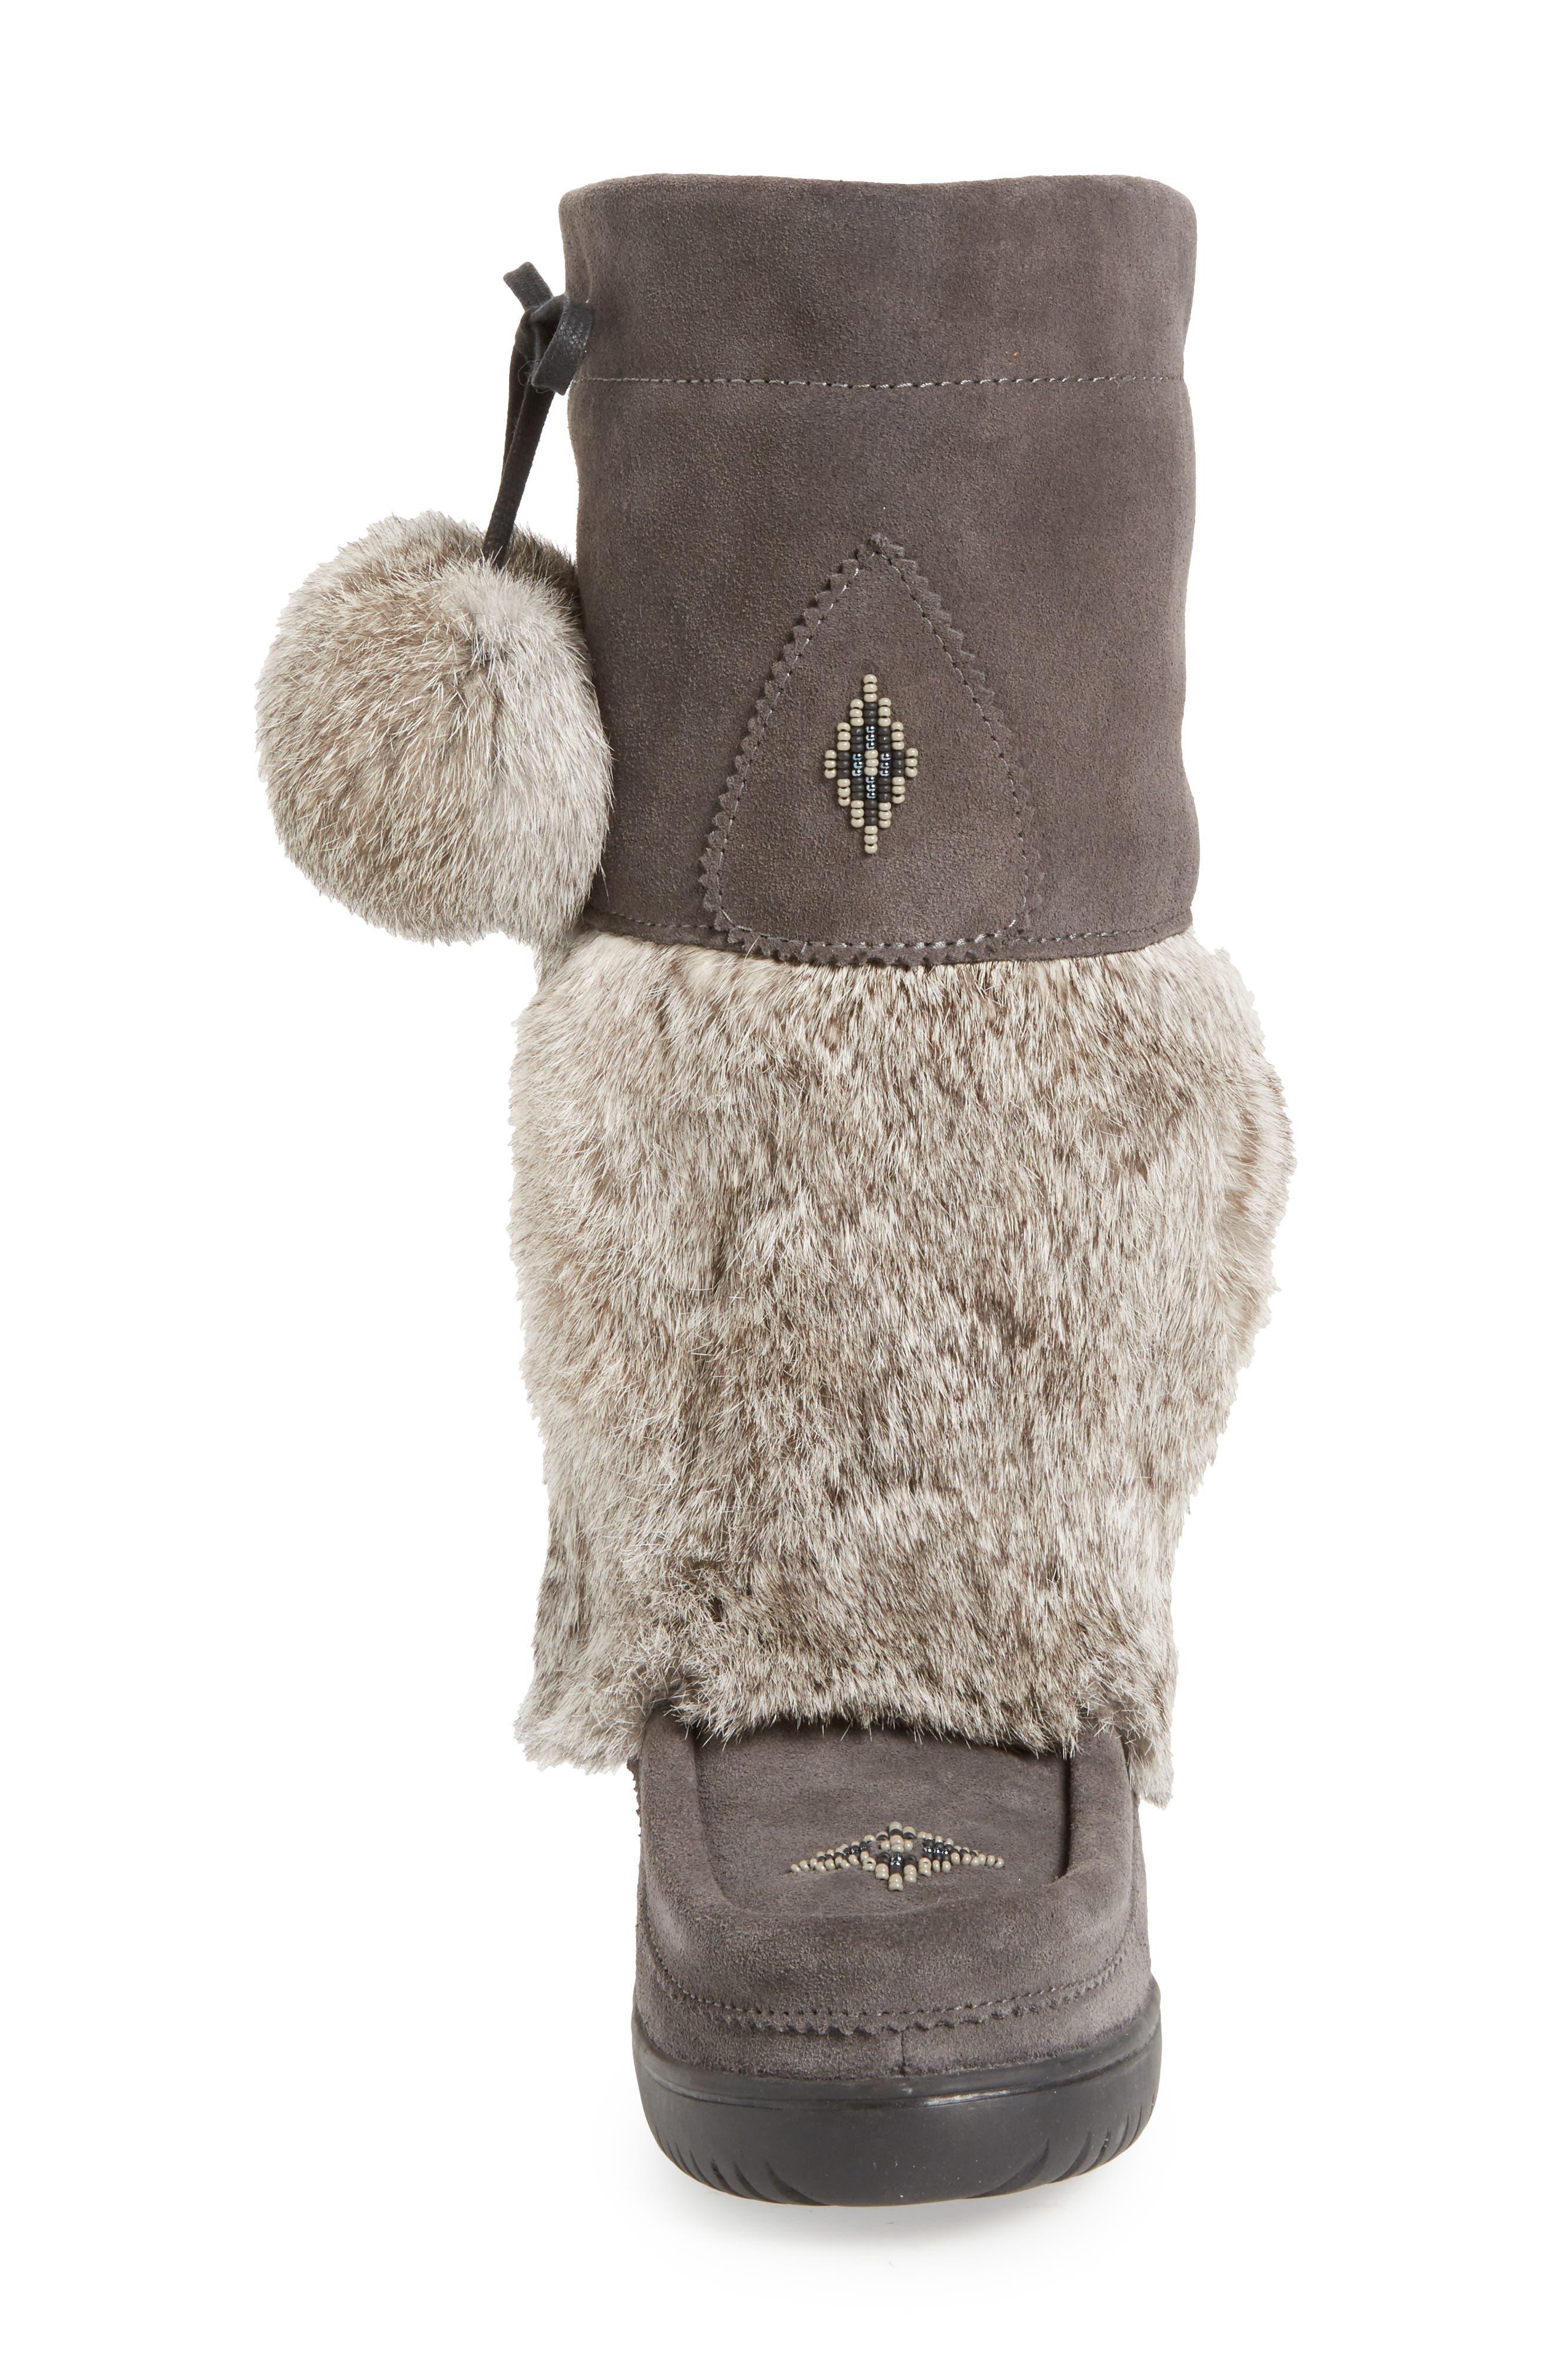 Snowy Owl Waterproof Genuine Fur Boot,                             Alternate thumbnail 6, color,